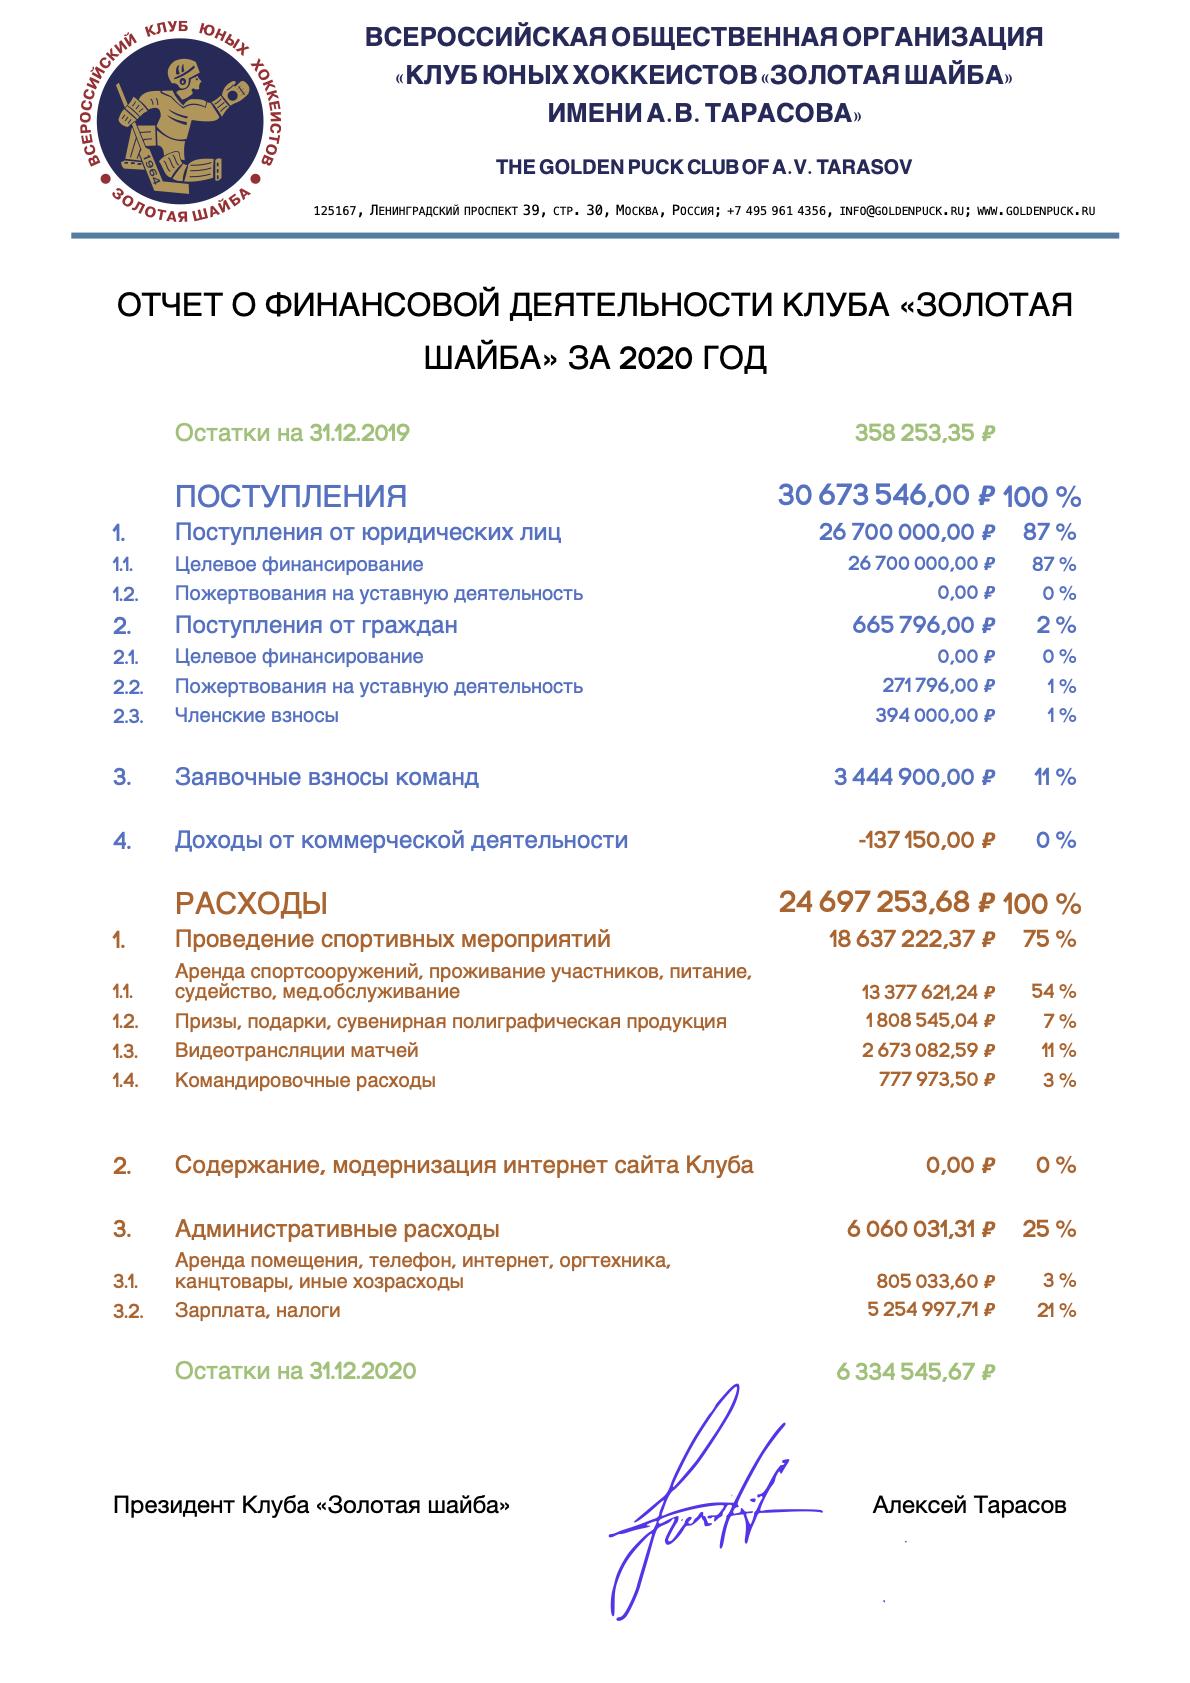 """Финансовый отчёт Клуба """"Золотая шайба"""" за 2020 год"""